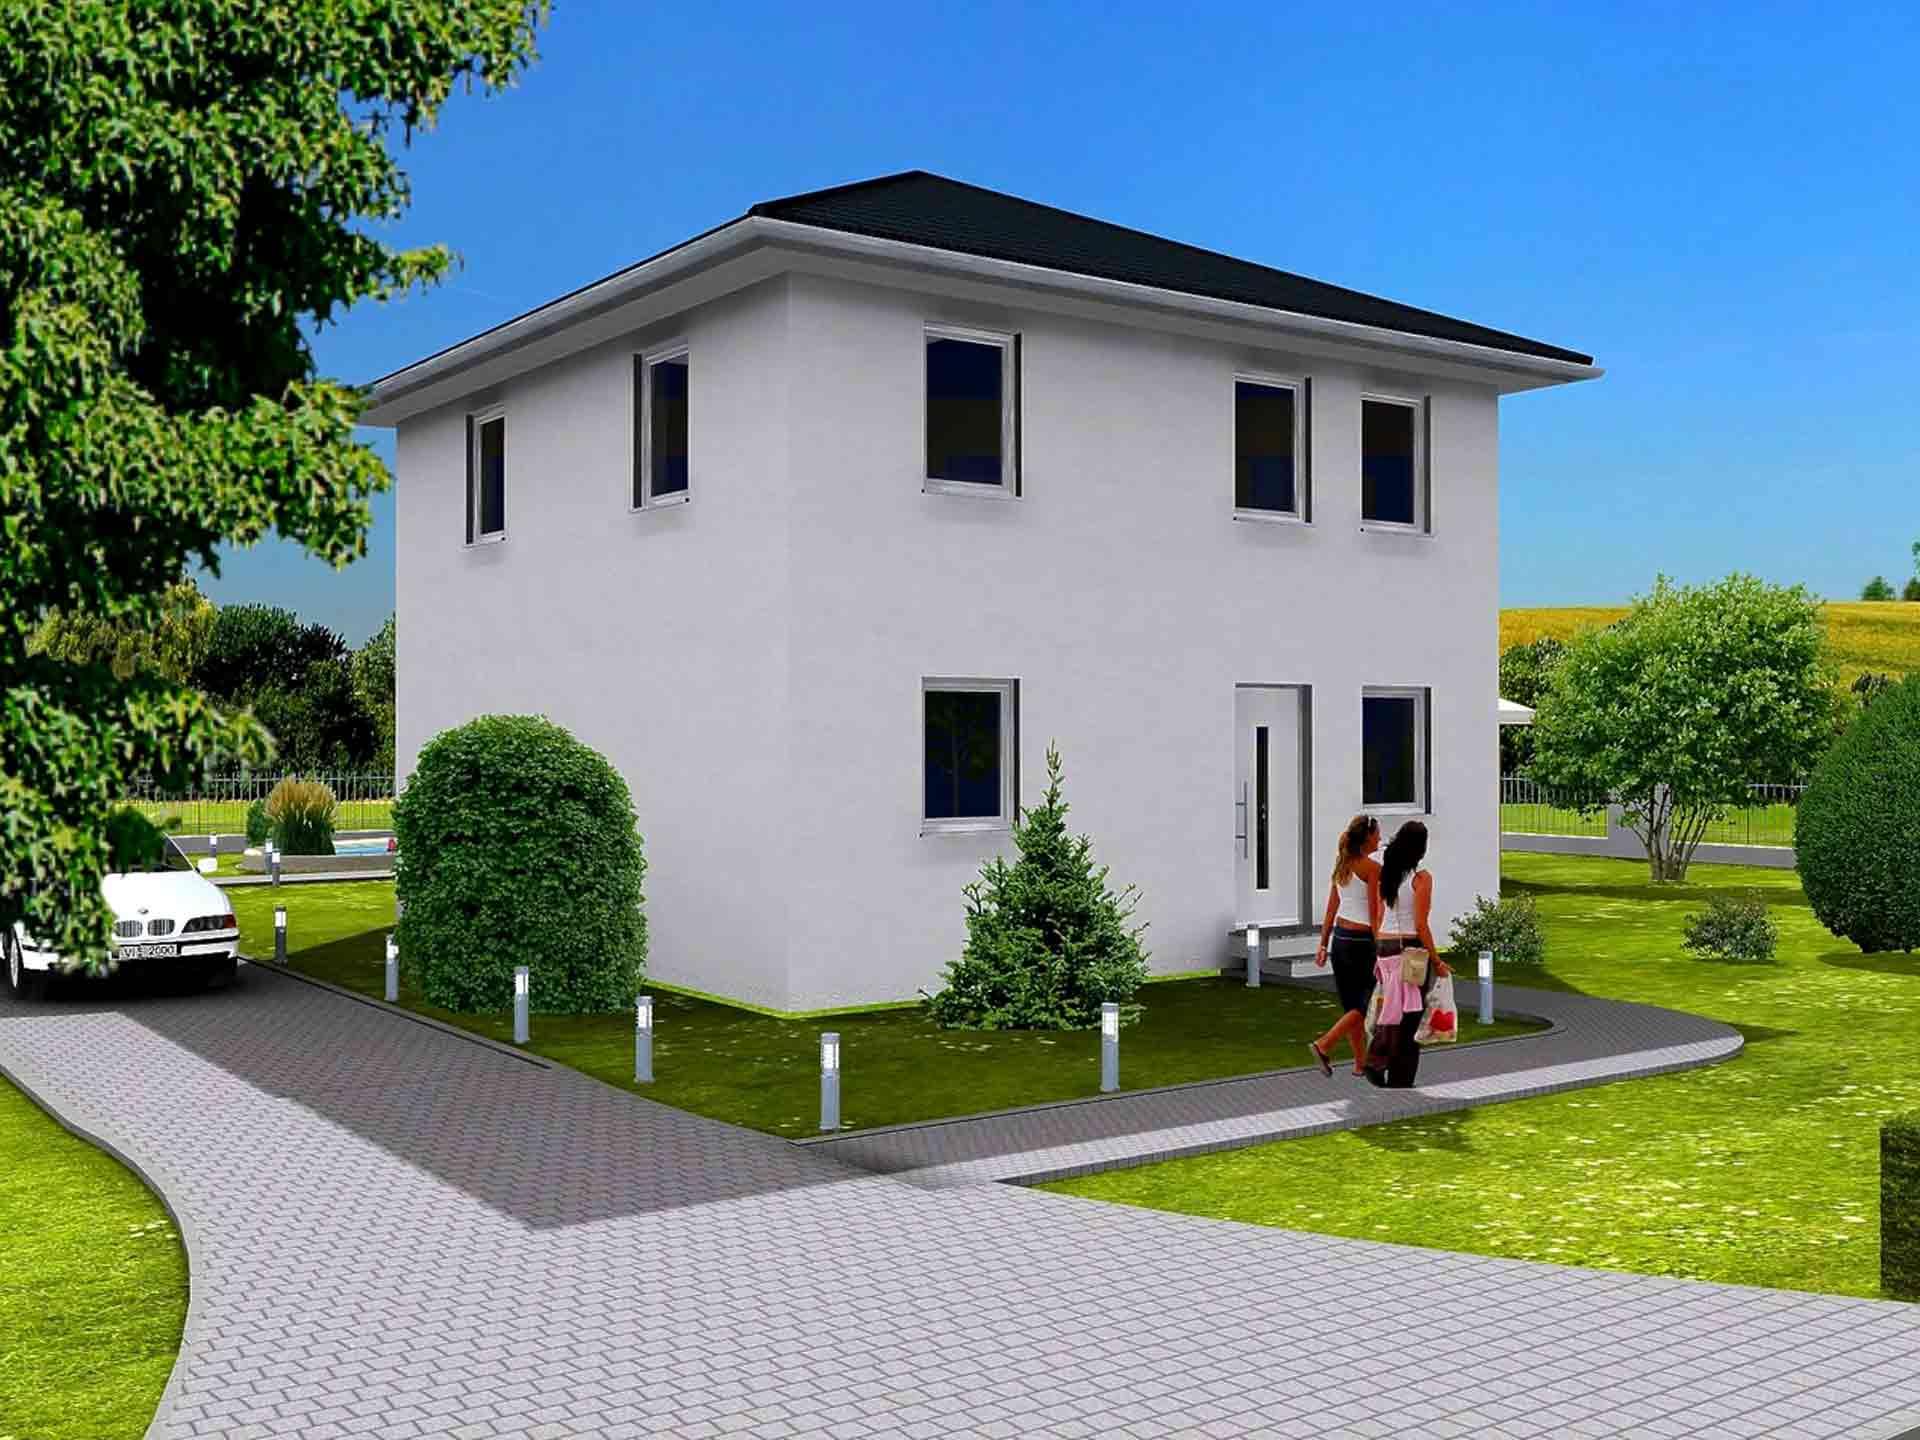 Preiswert-Bauen24 Stadtvilla